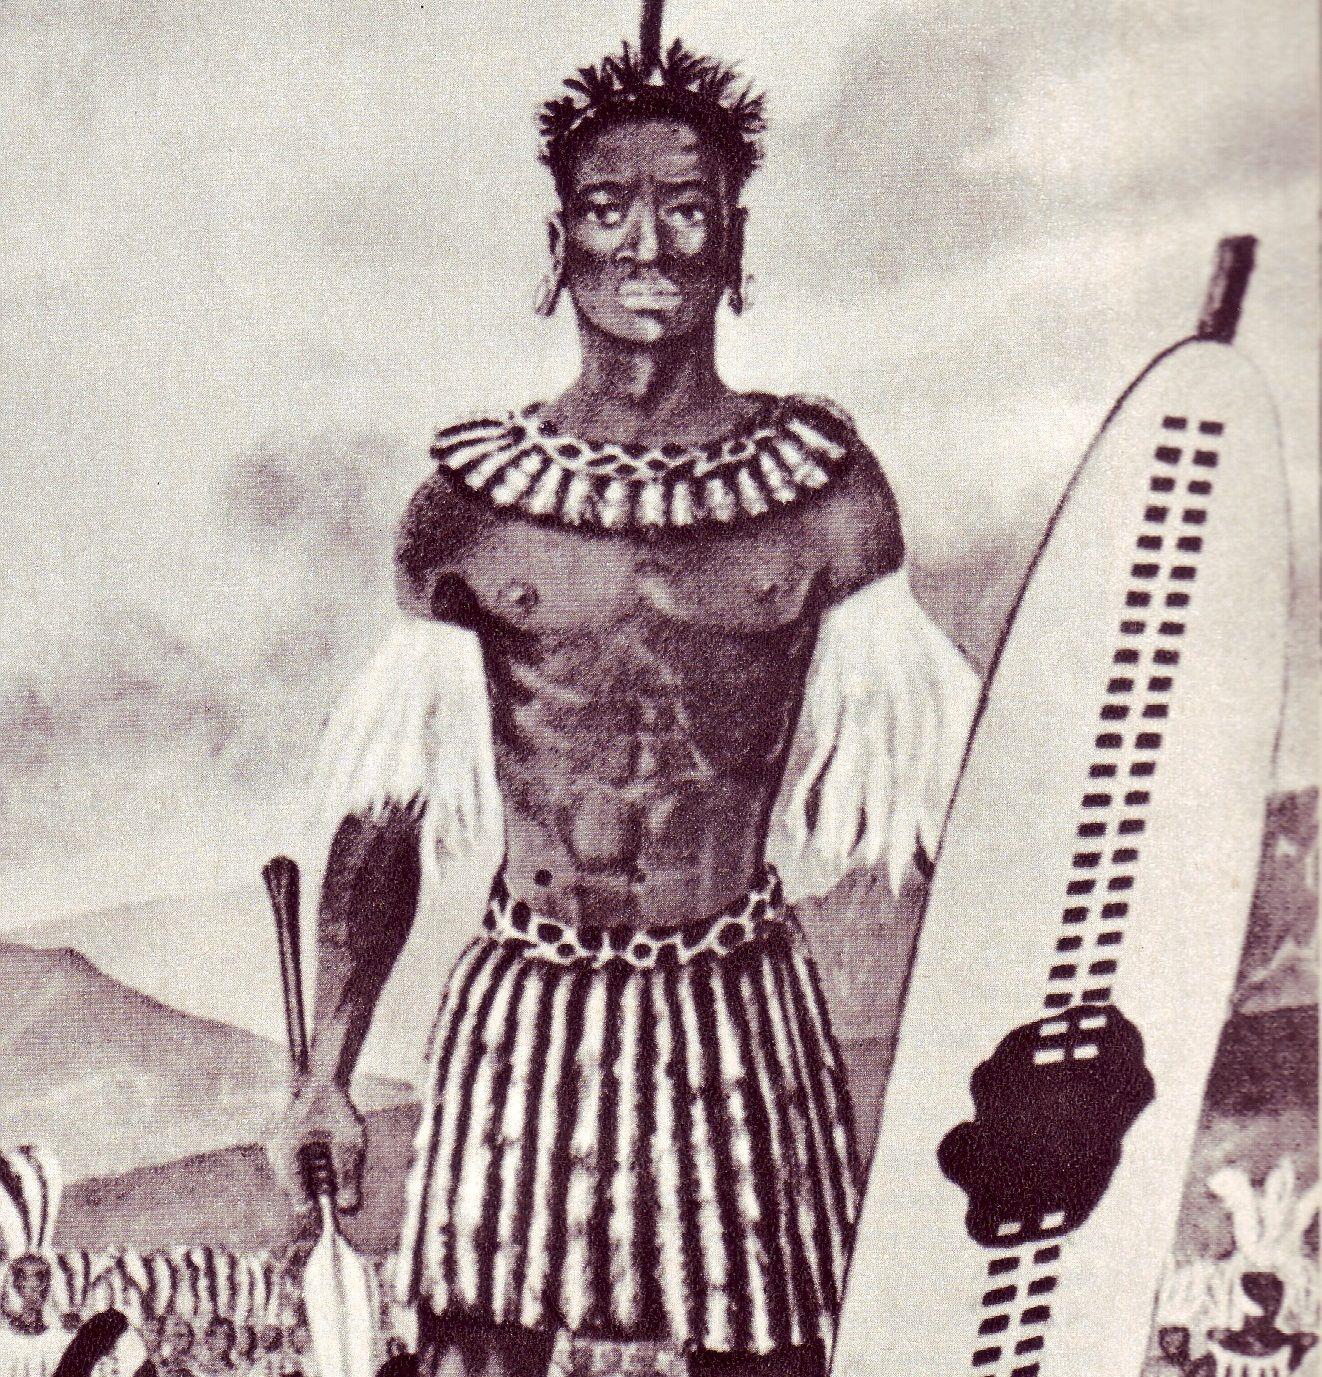 shaka zulu leadership style